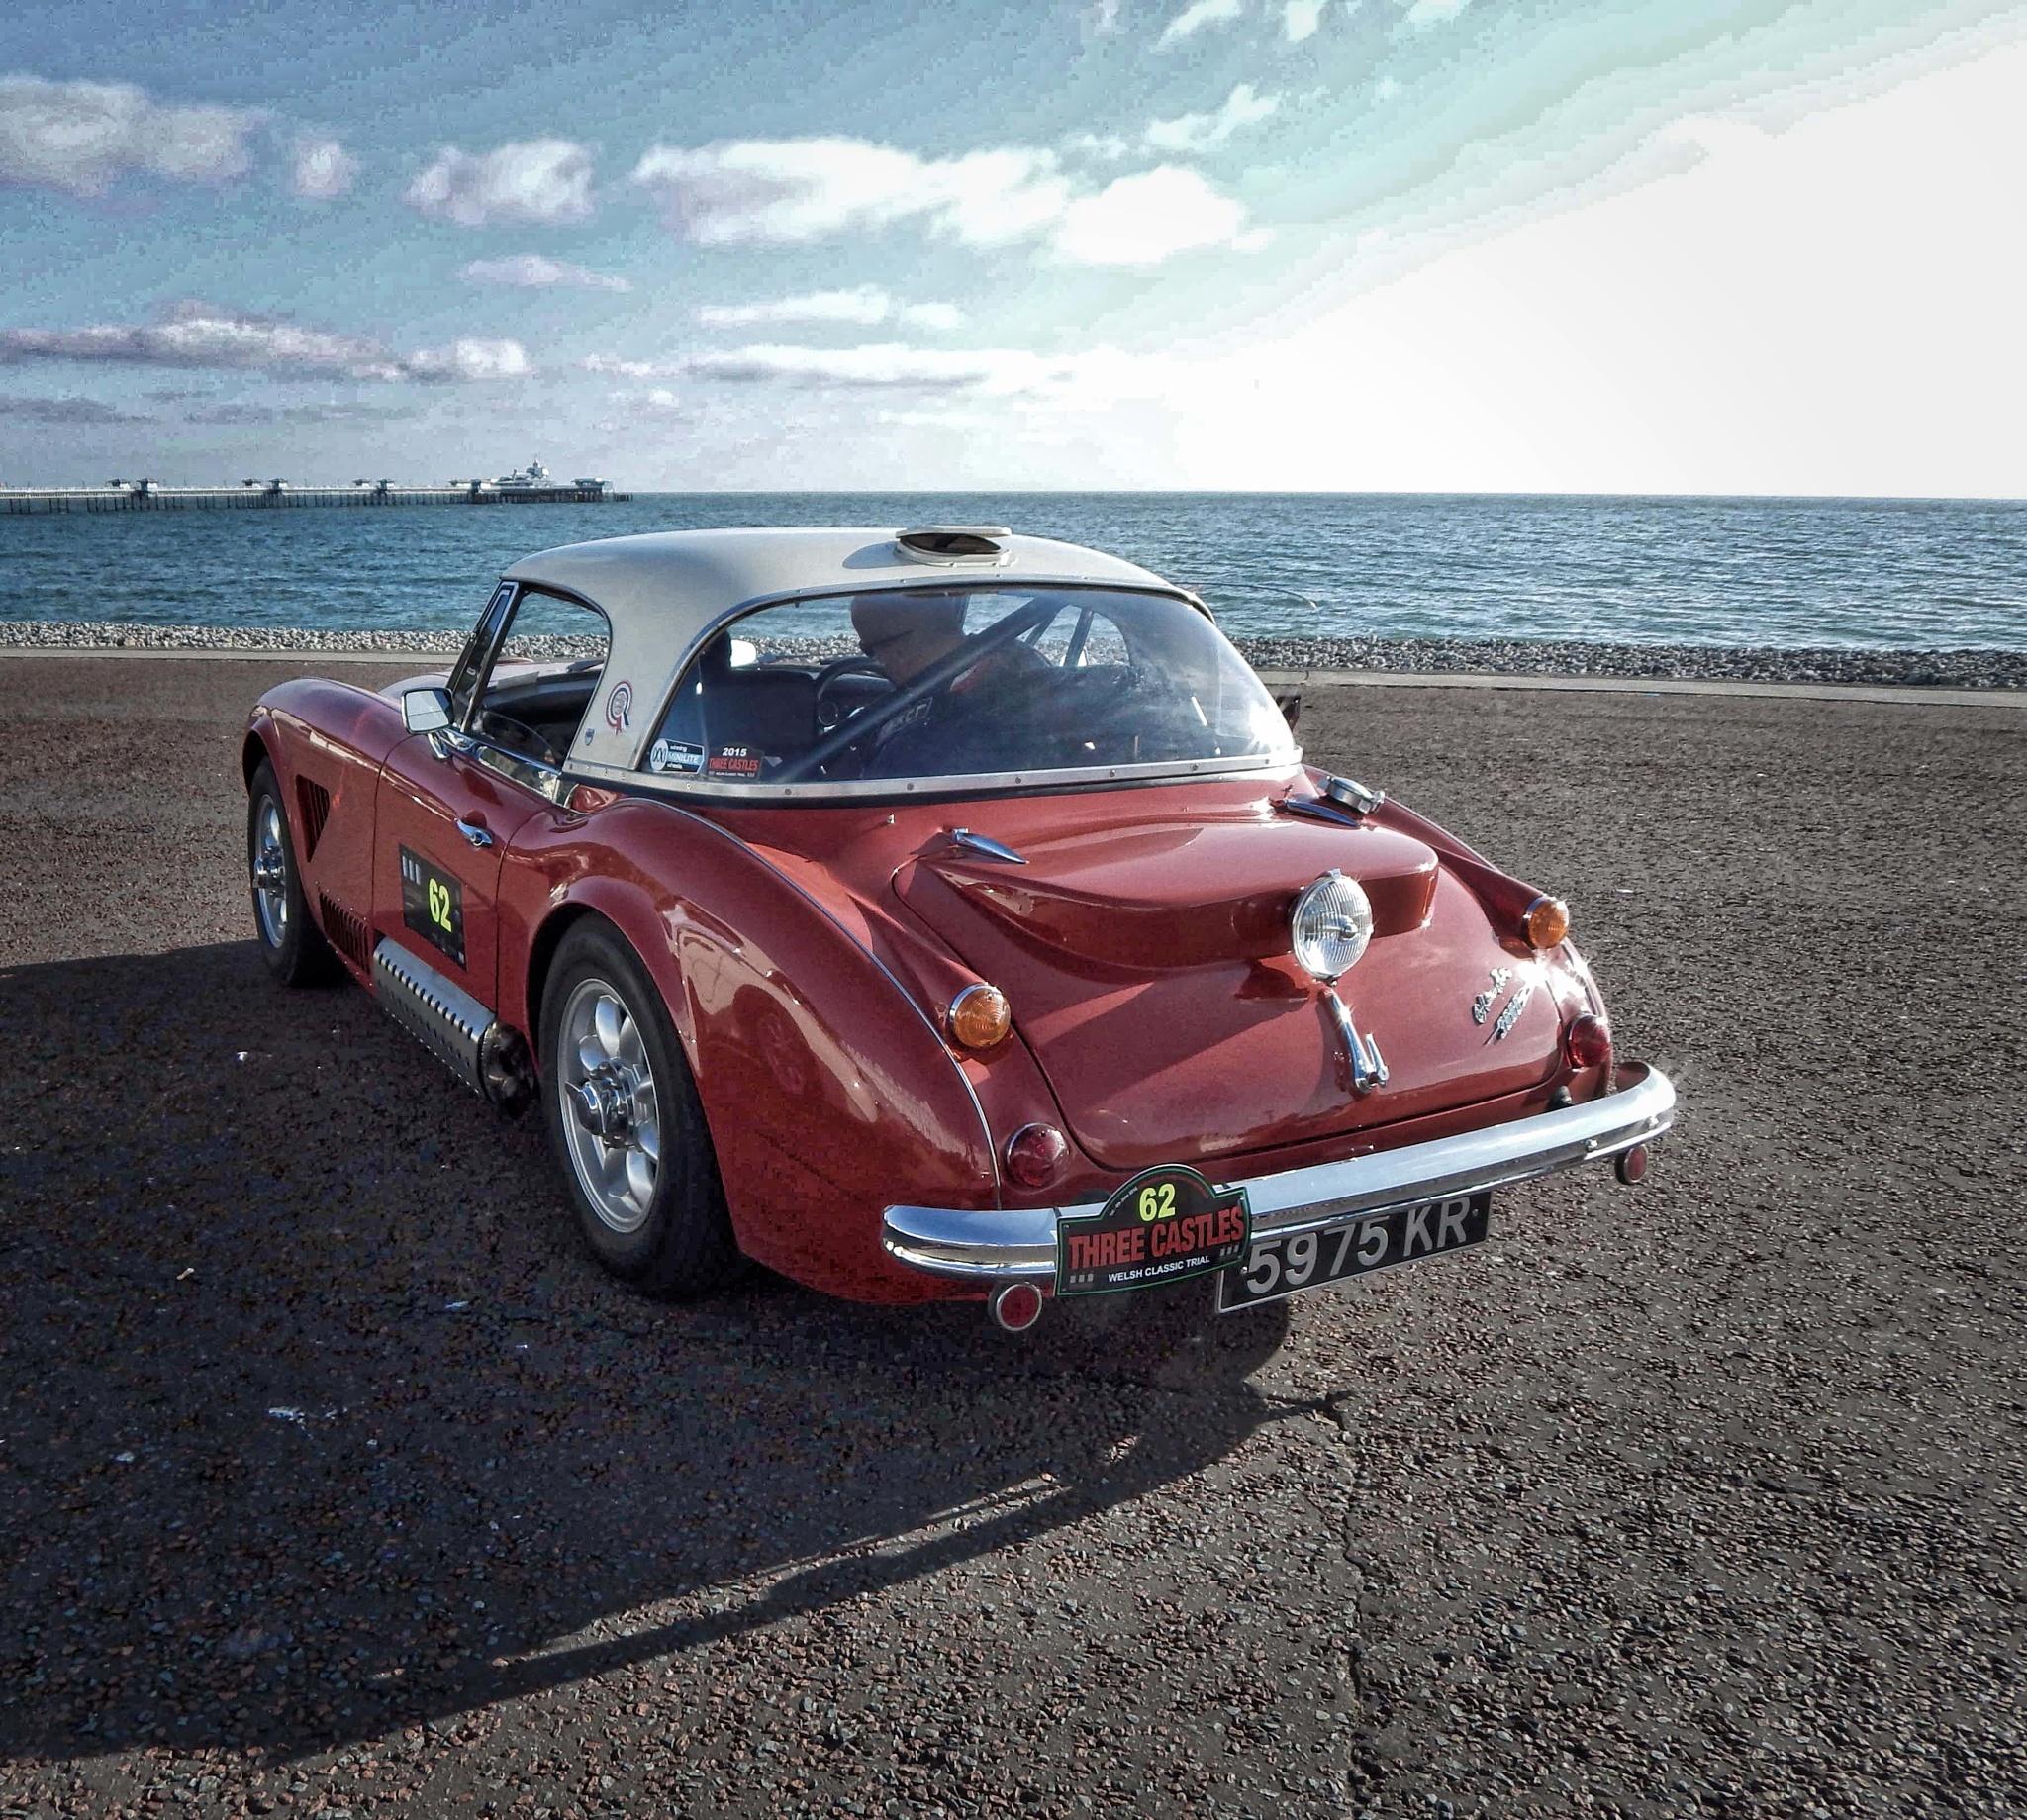 1964 Austin Healey 3000 Mk 111 by Carbucketty